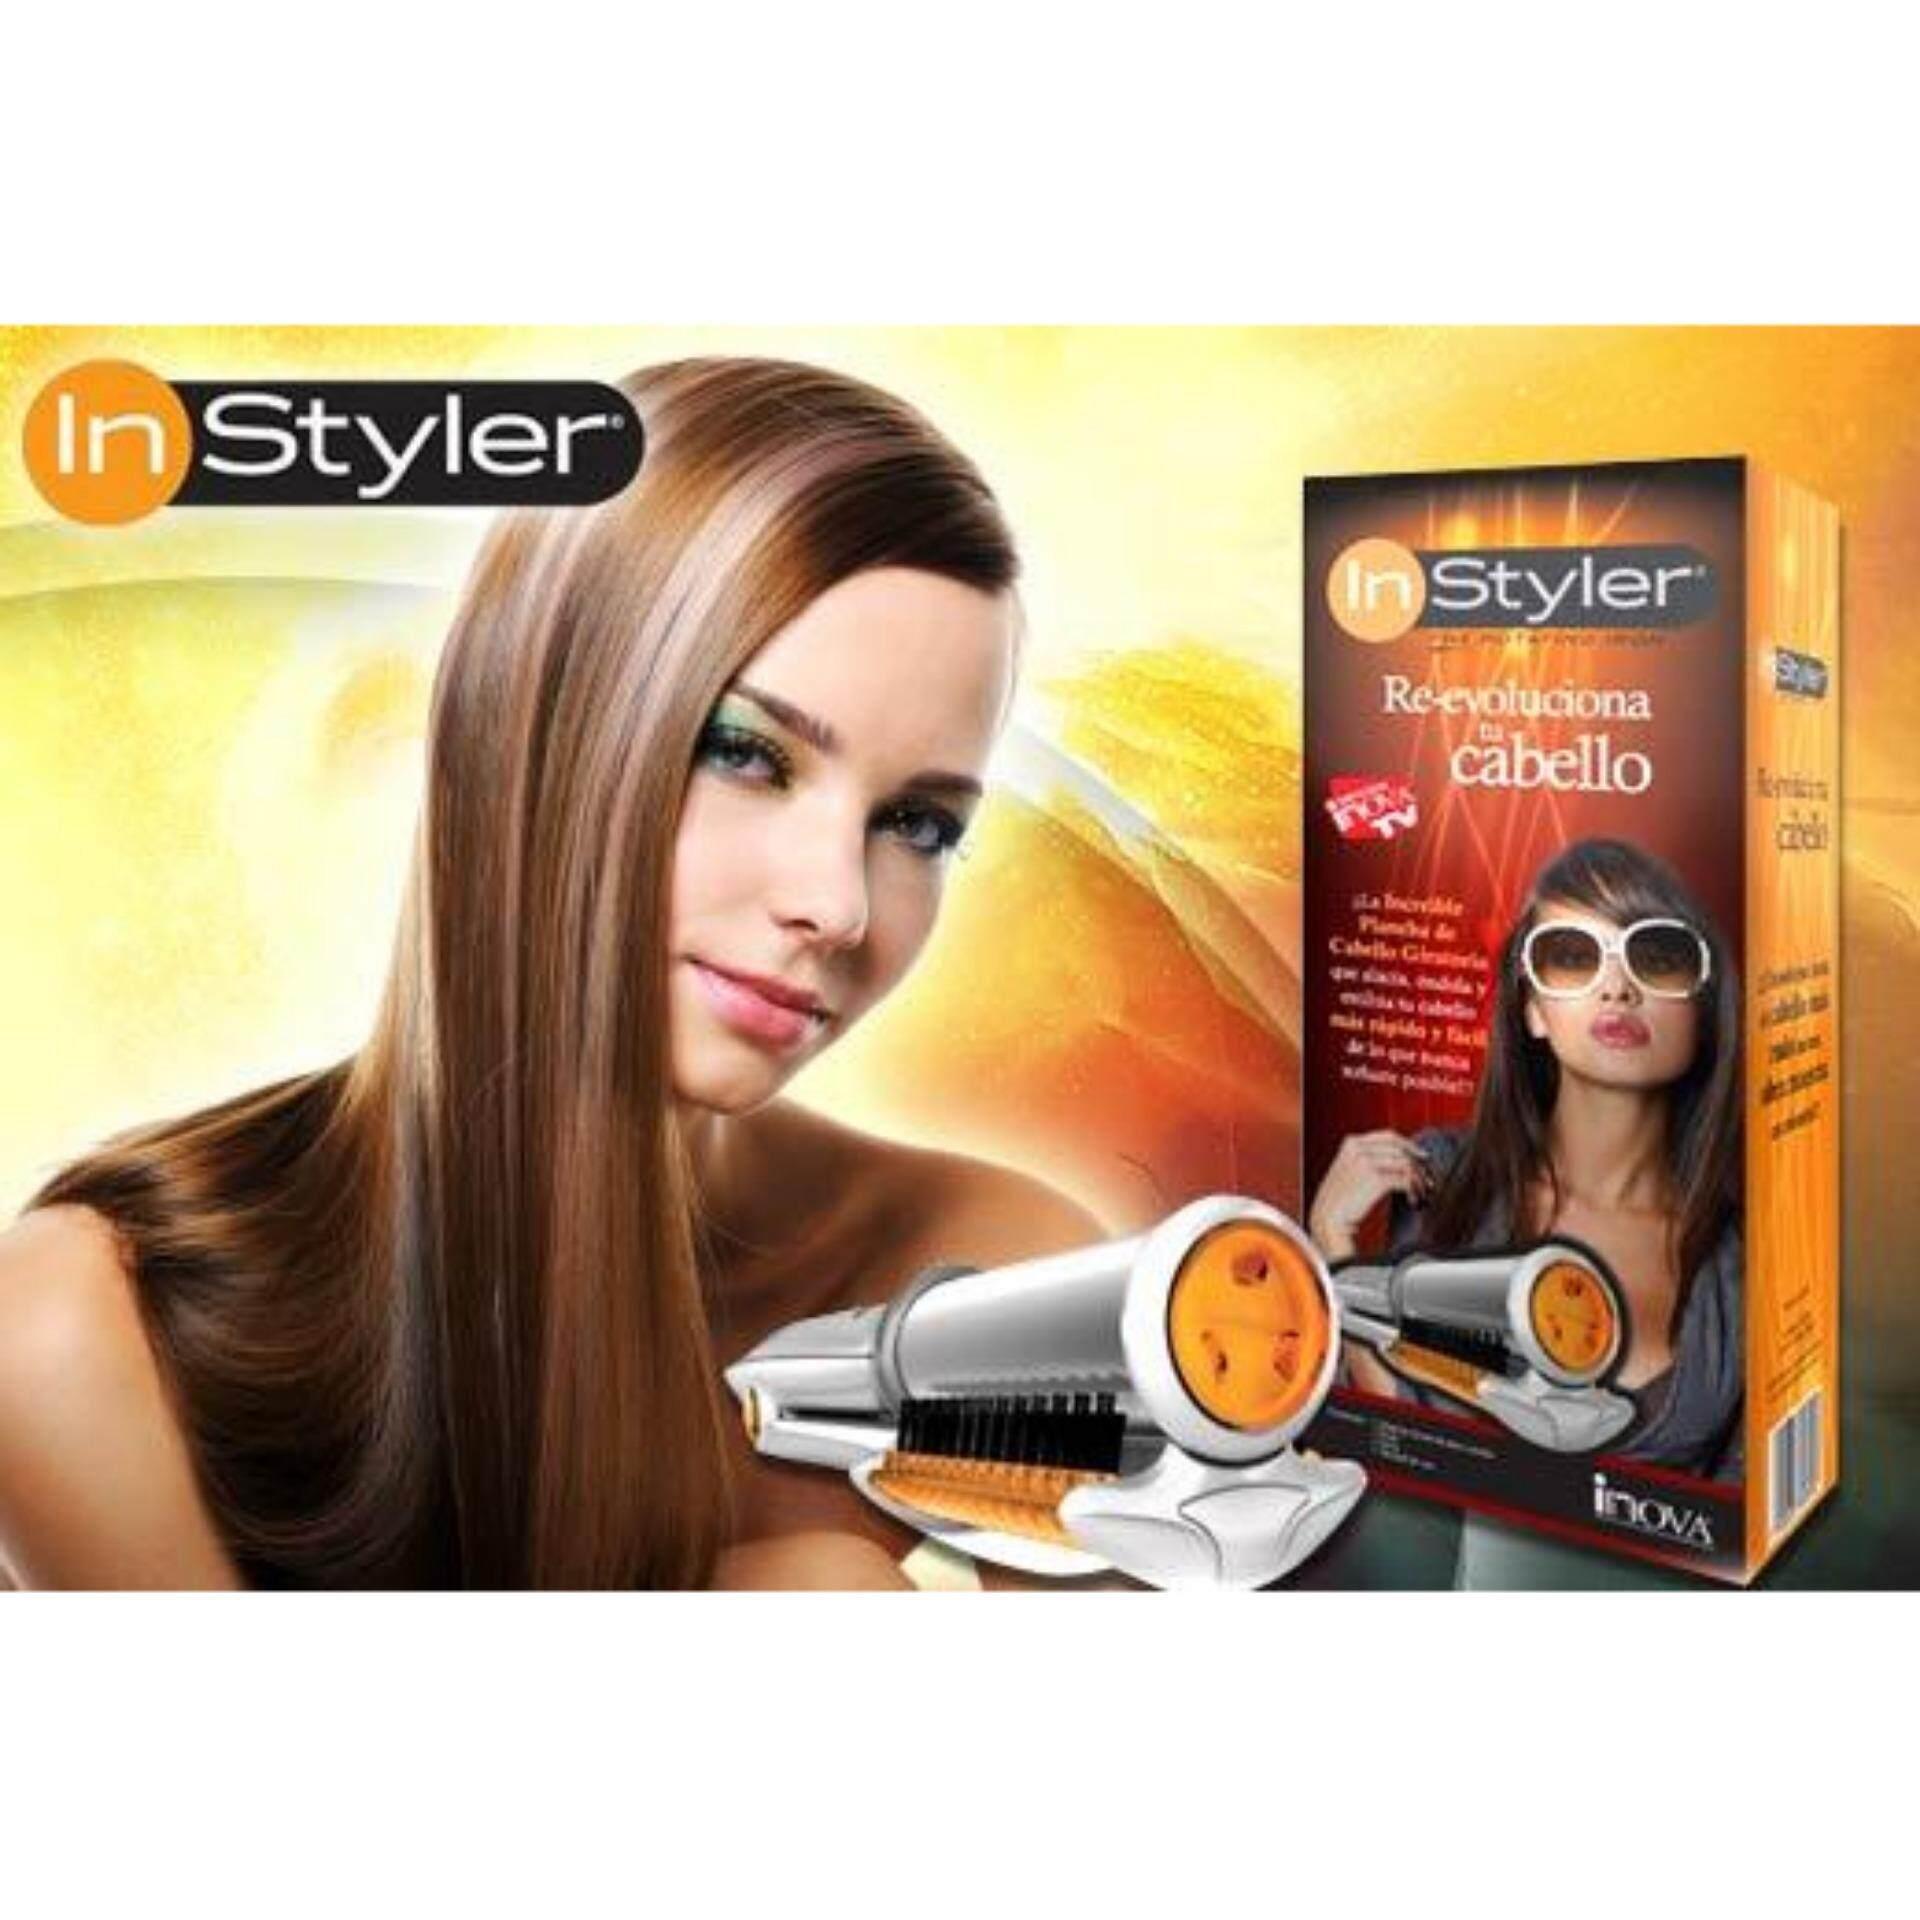 InStyler 3-in-1 Hair Styler-Rotatable